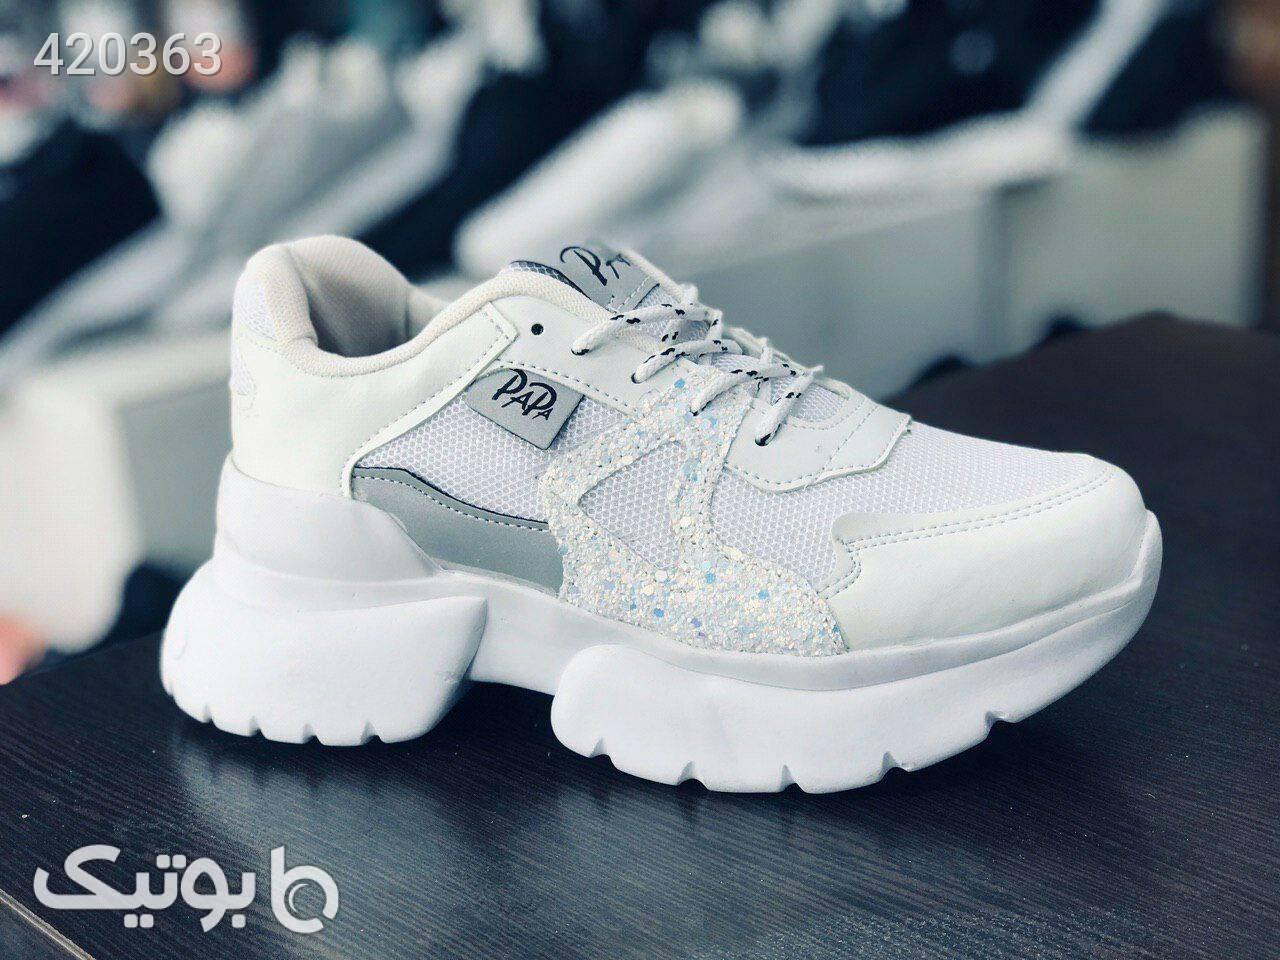 کفش کتانی مدل پاپا مشکی كتانی زنانه